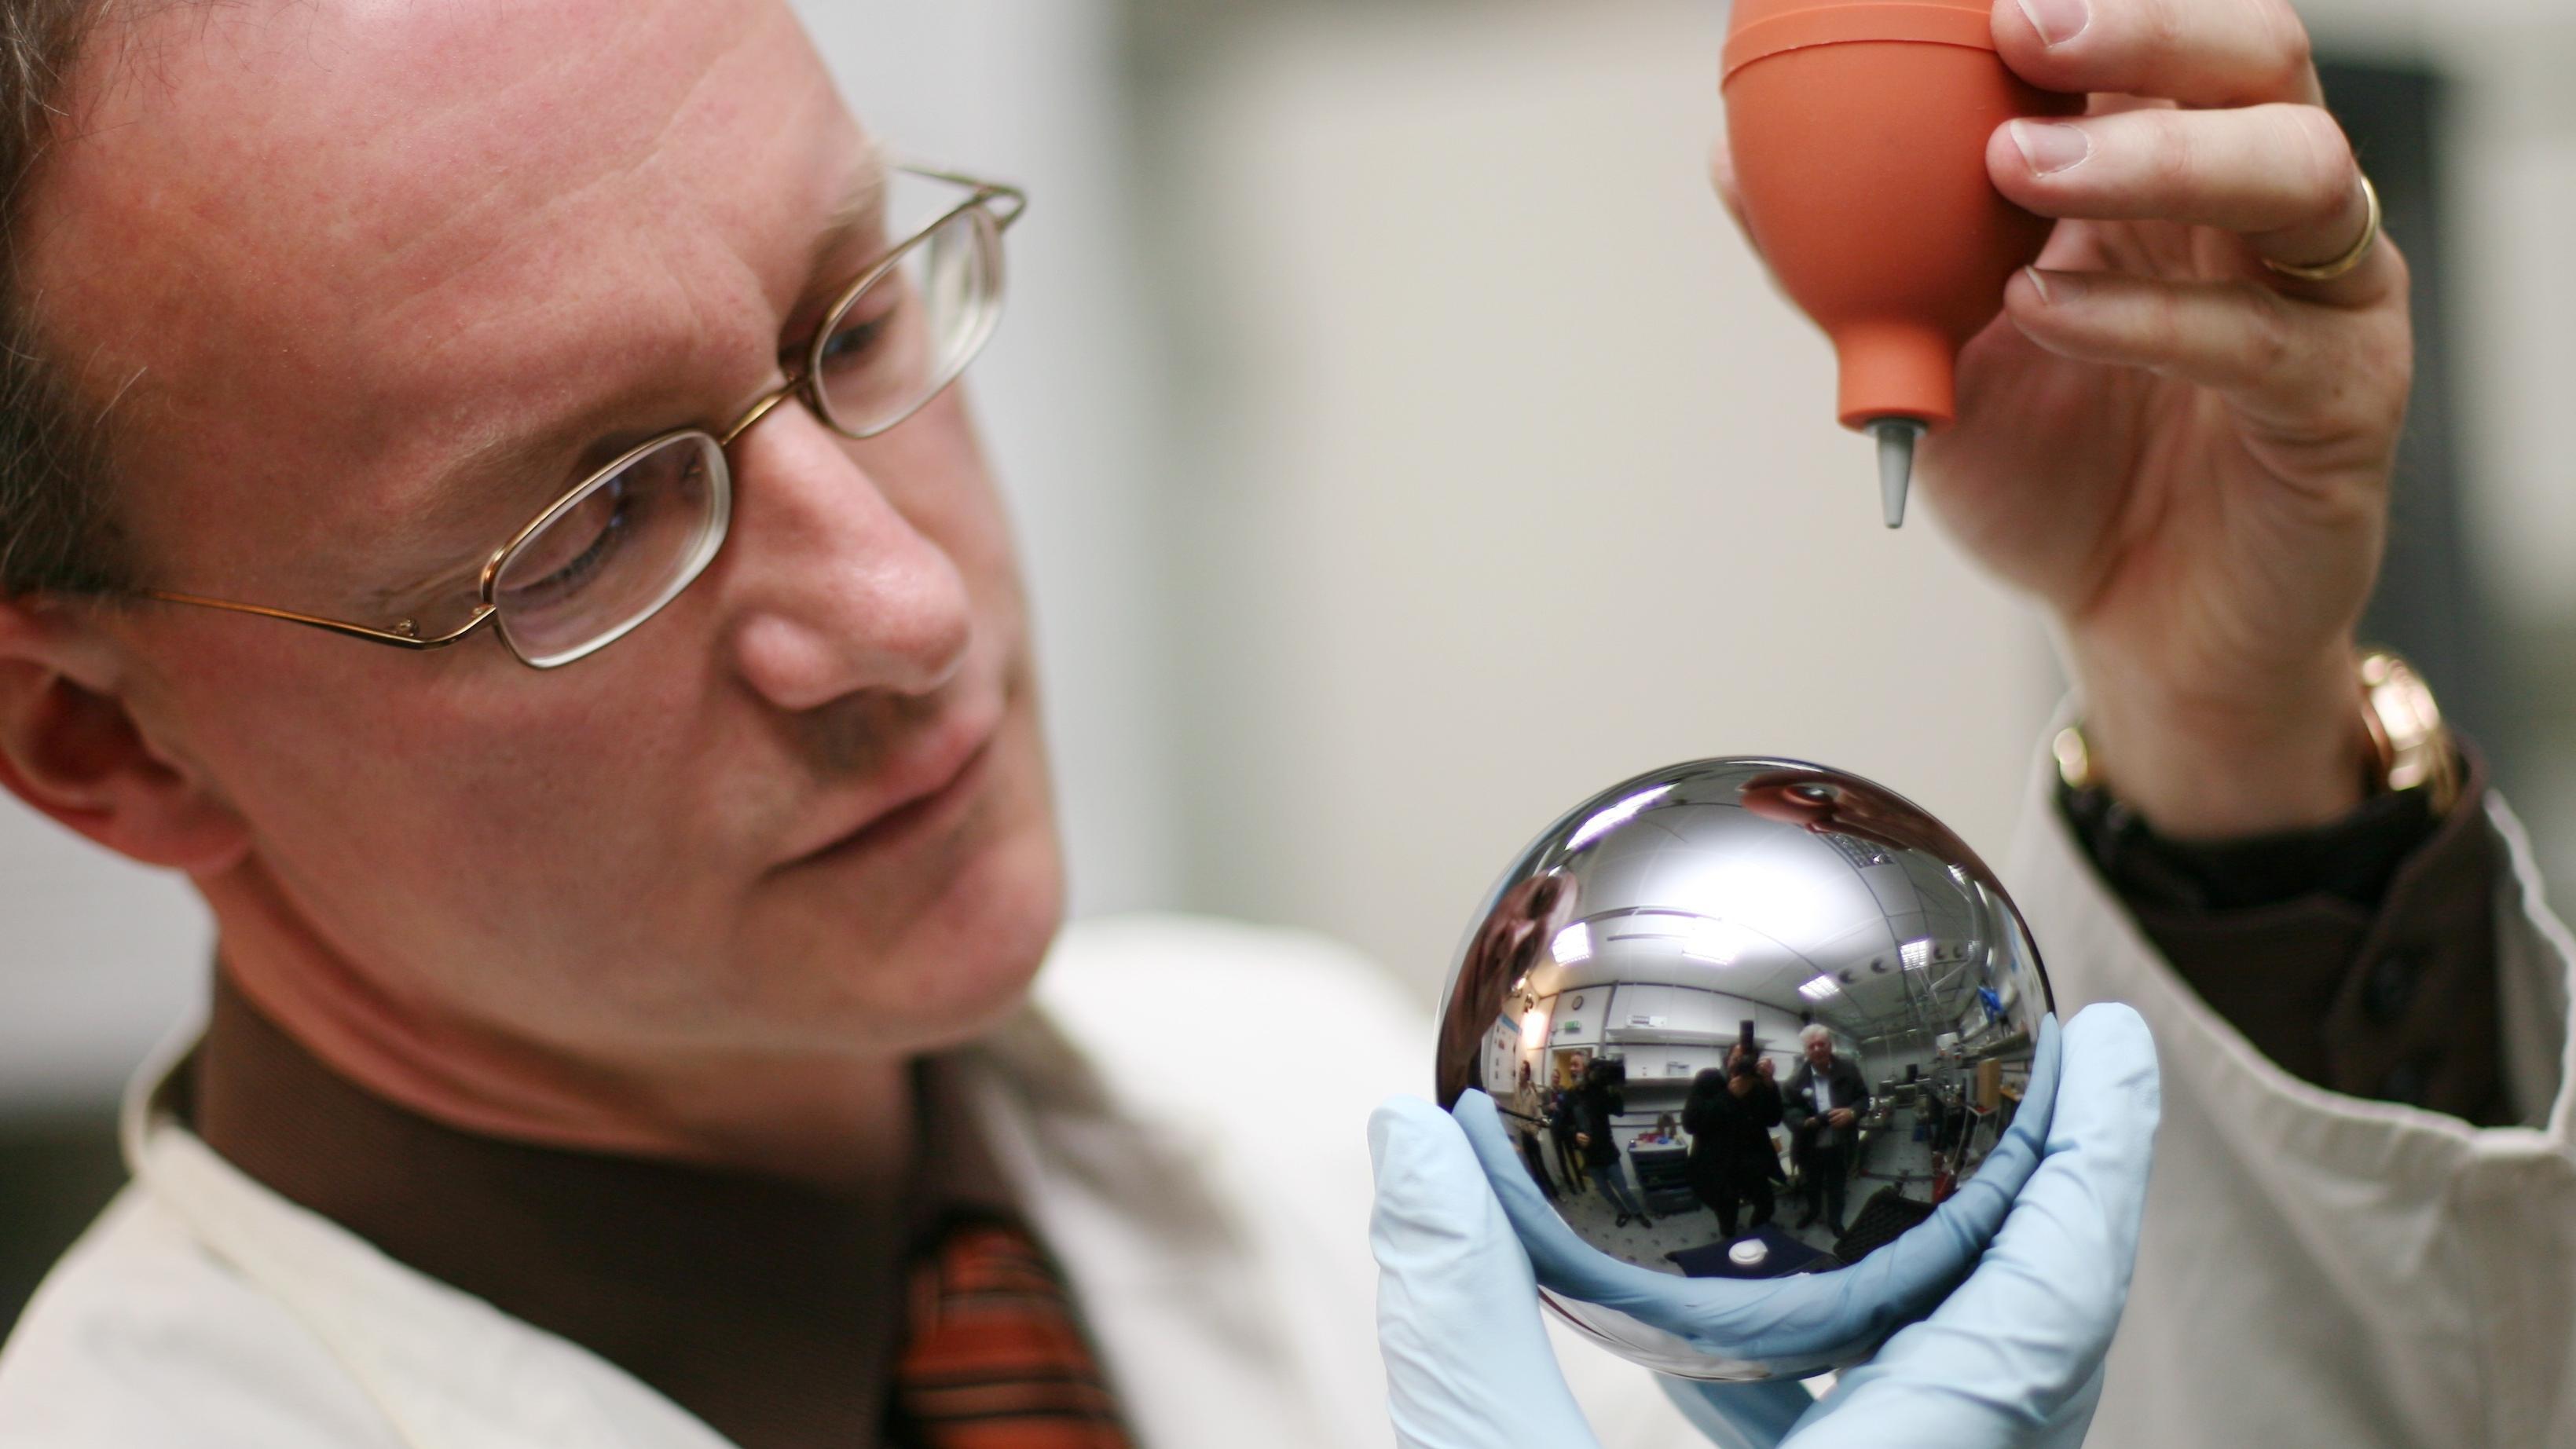 Ein Wissenschaftler von der Physikalisch-Technischen Bundesanstalt (PTB) entstaubt eine etwa eine Million Euro teure, etwa zehn Zentimeter dicke Kugel aus Silizium. Die Anzahl der Atome in dieser Kugel wird in Zukunft die Maßeinheit Kilogramm definieren.